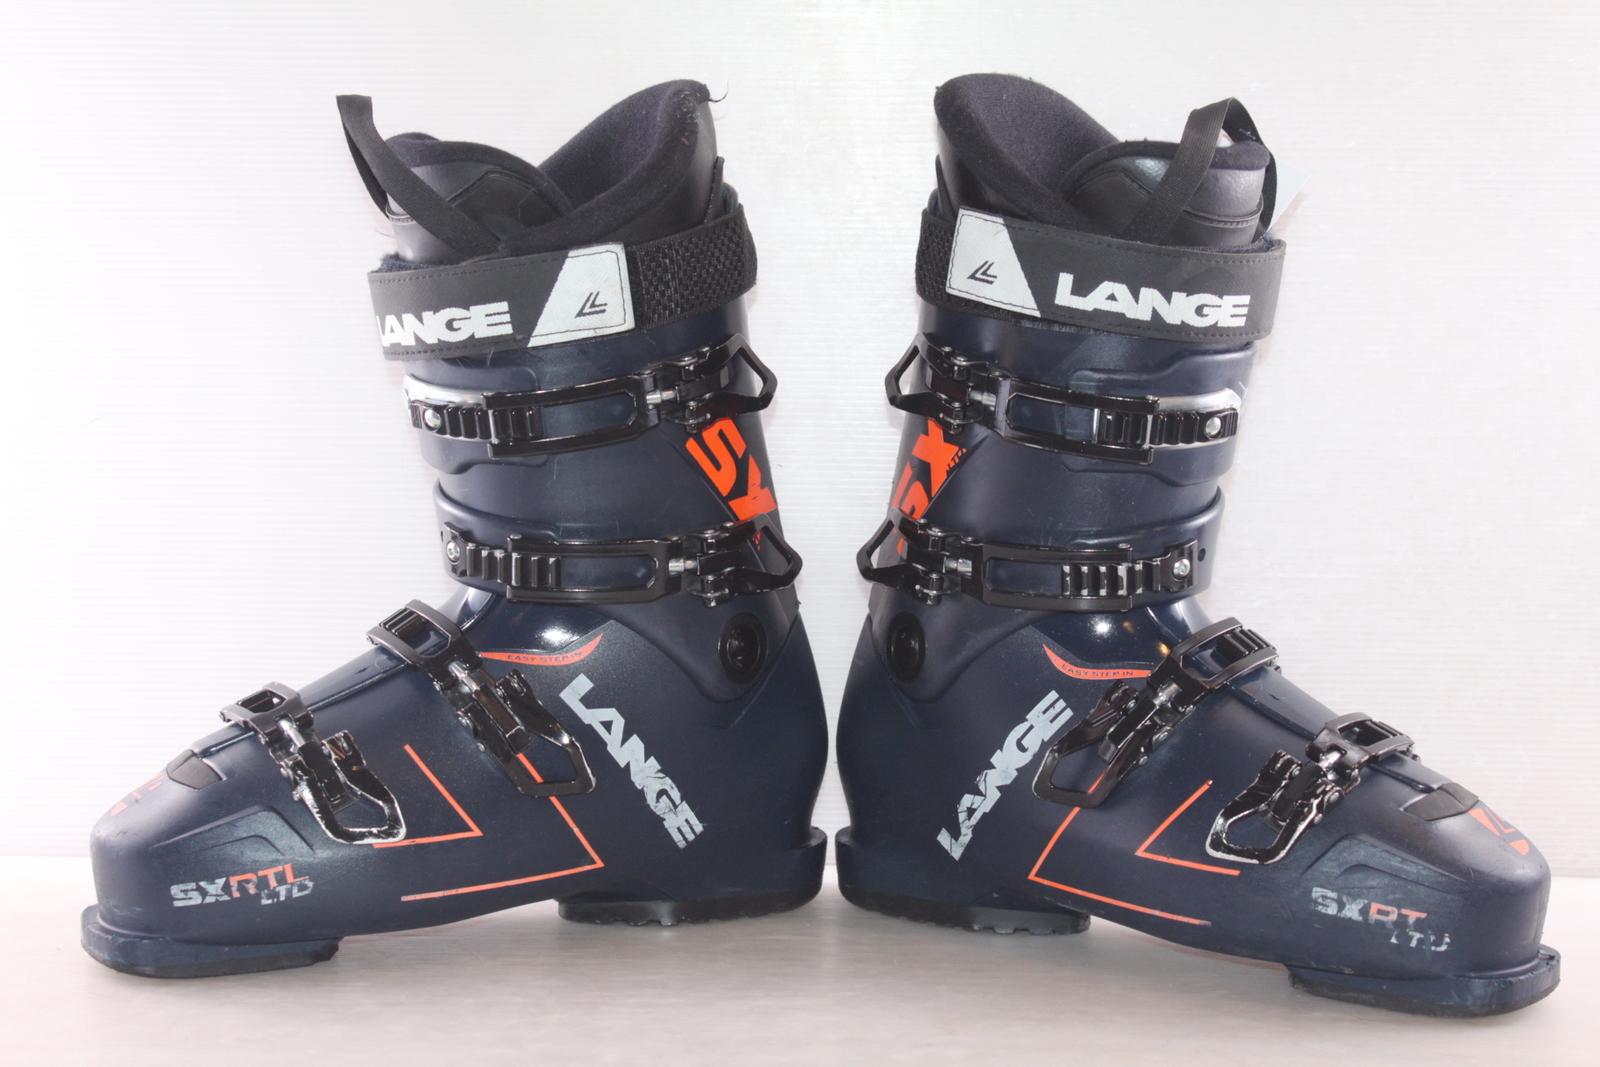 Lyžařské boty Lange SX RT LTD vel. EU43.5 flexe 85